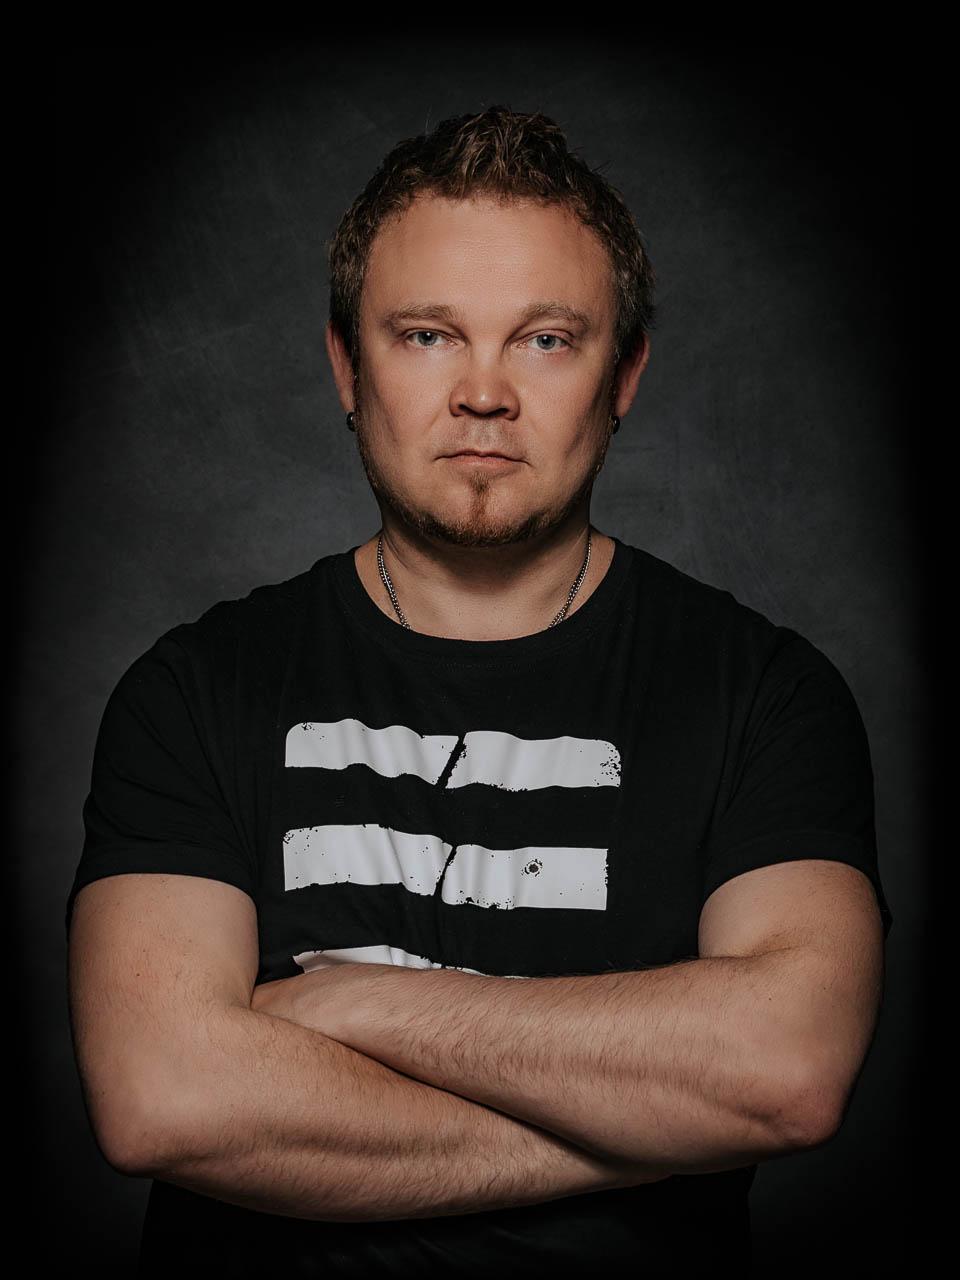 Mika Vallineva